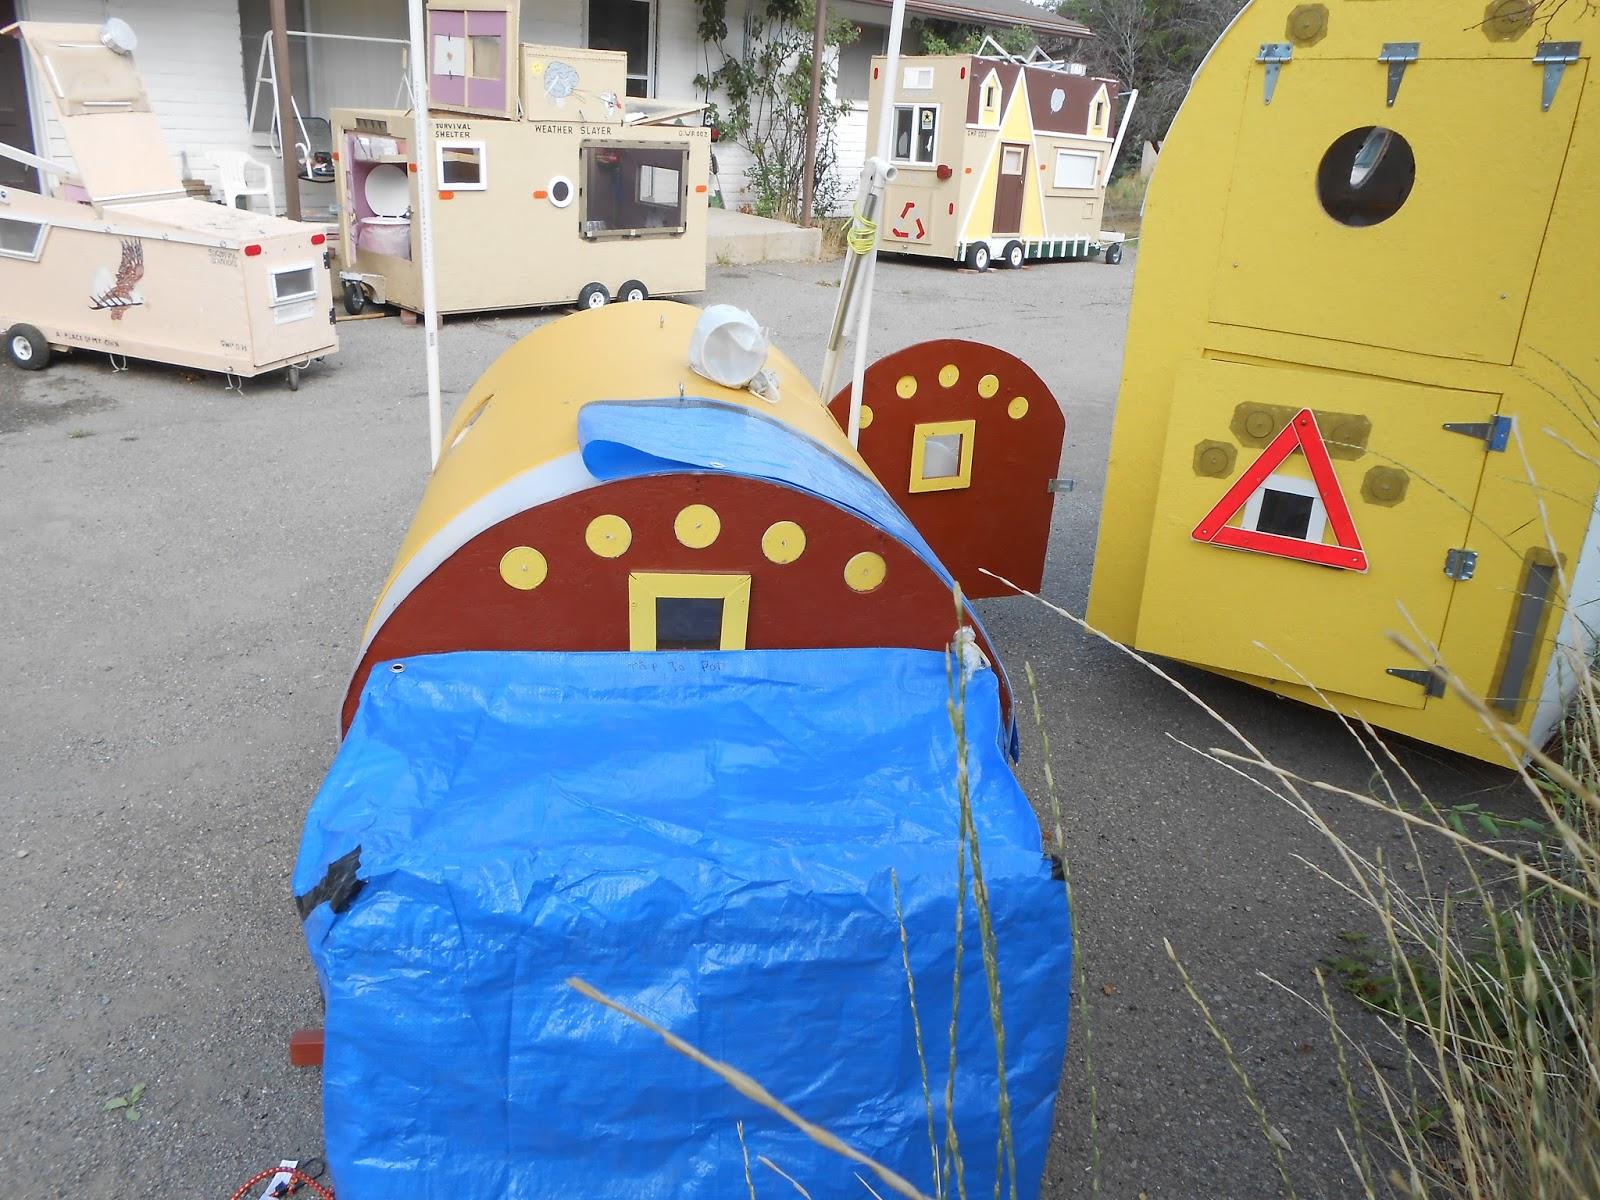 Pods For The Homeless Shelter : Pix grove survival pods for homeless